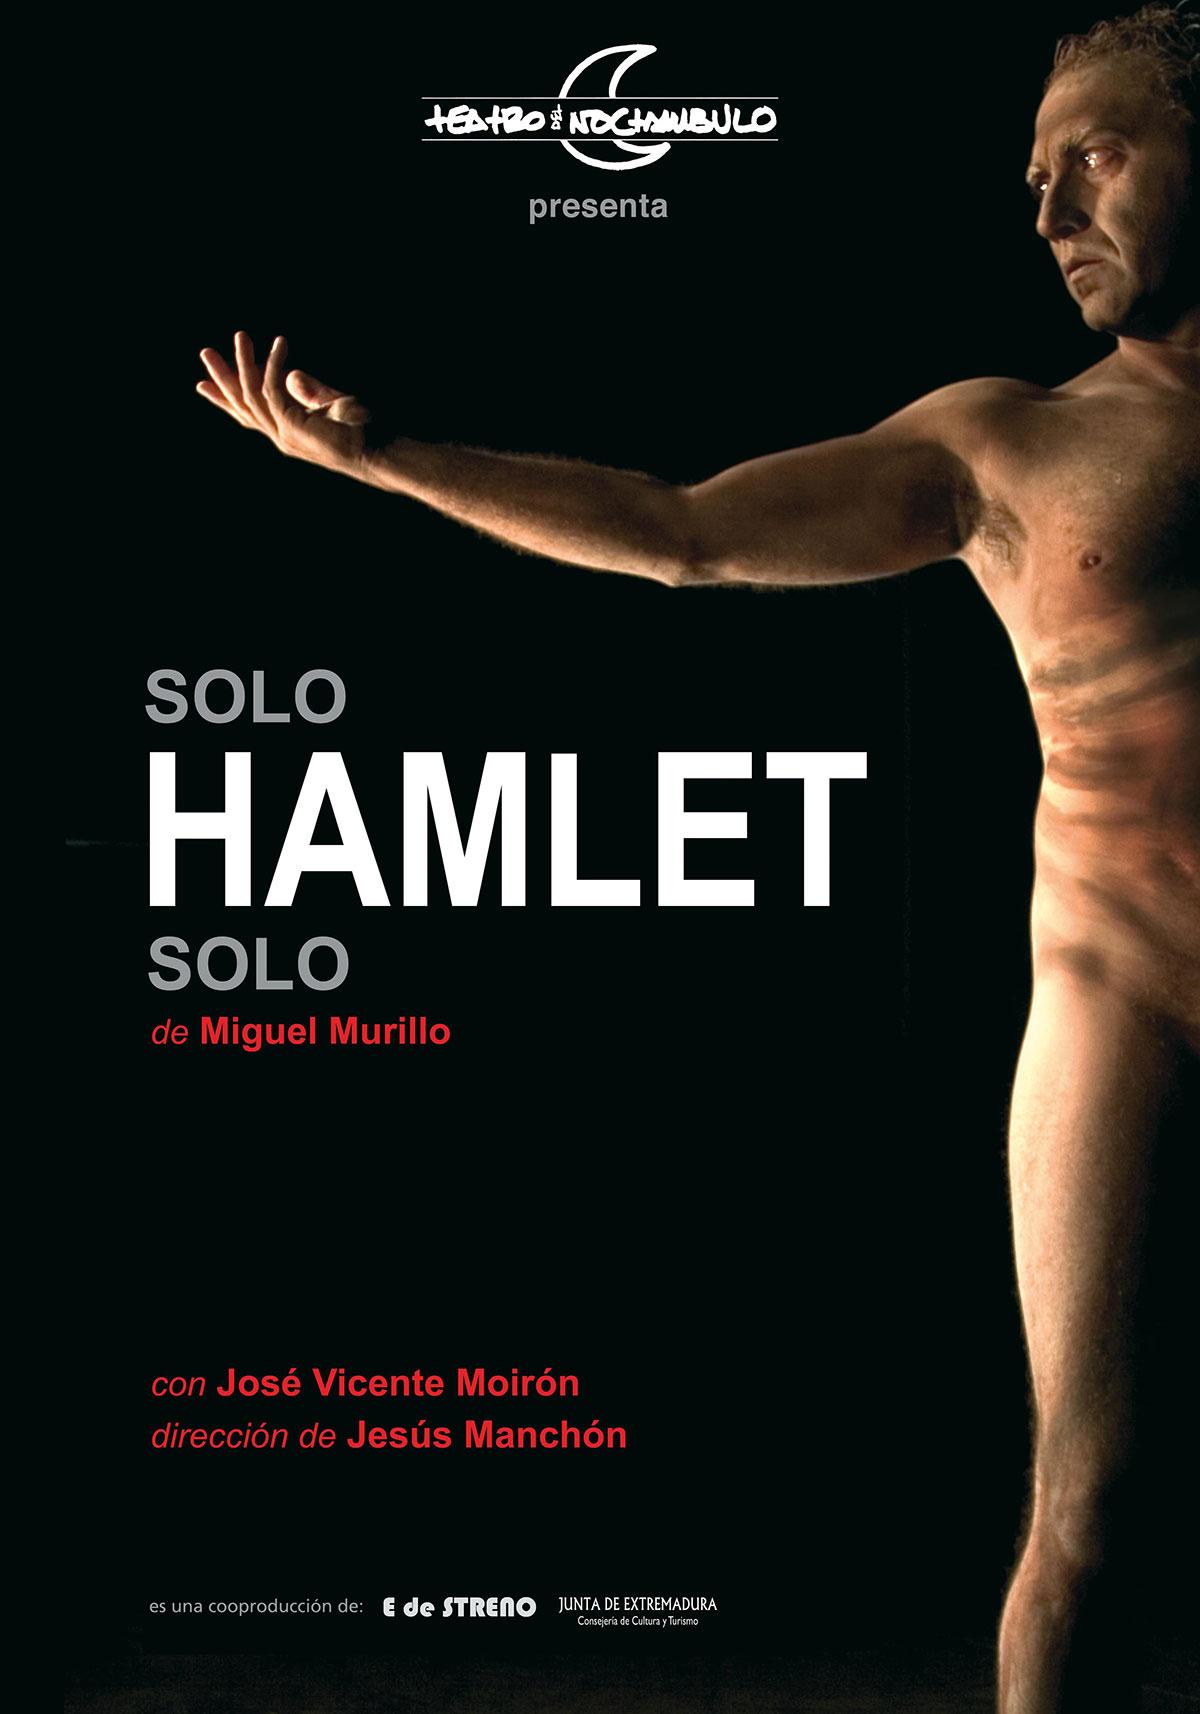 Solo Hamlet solo